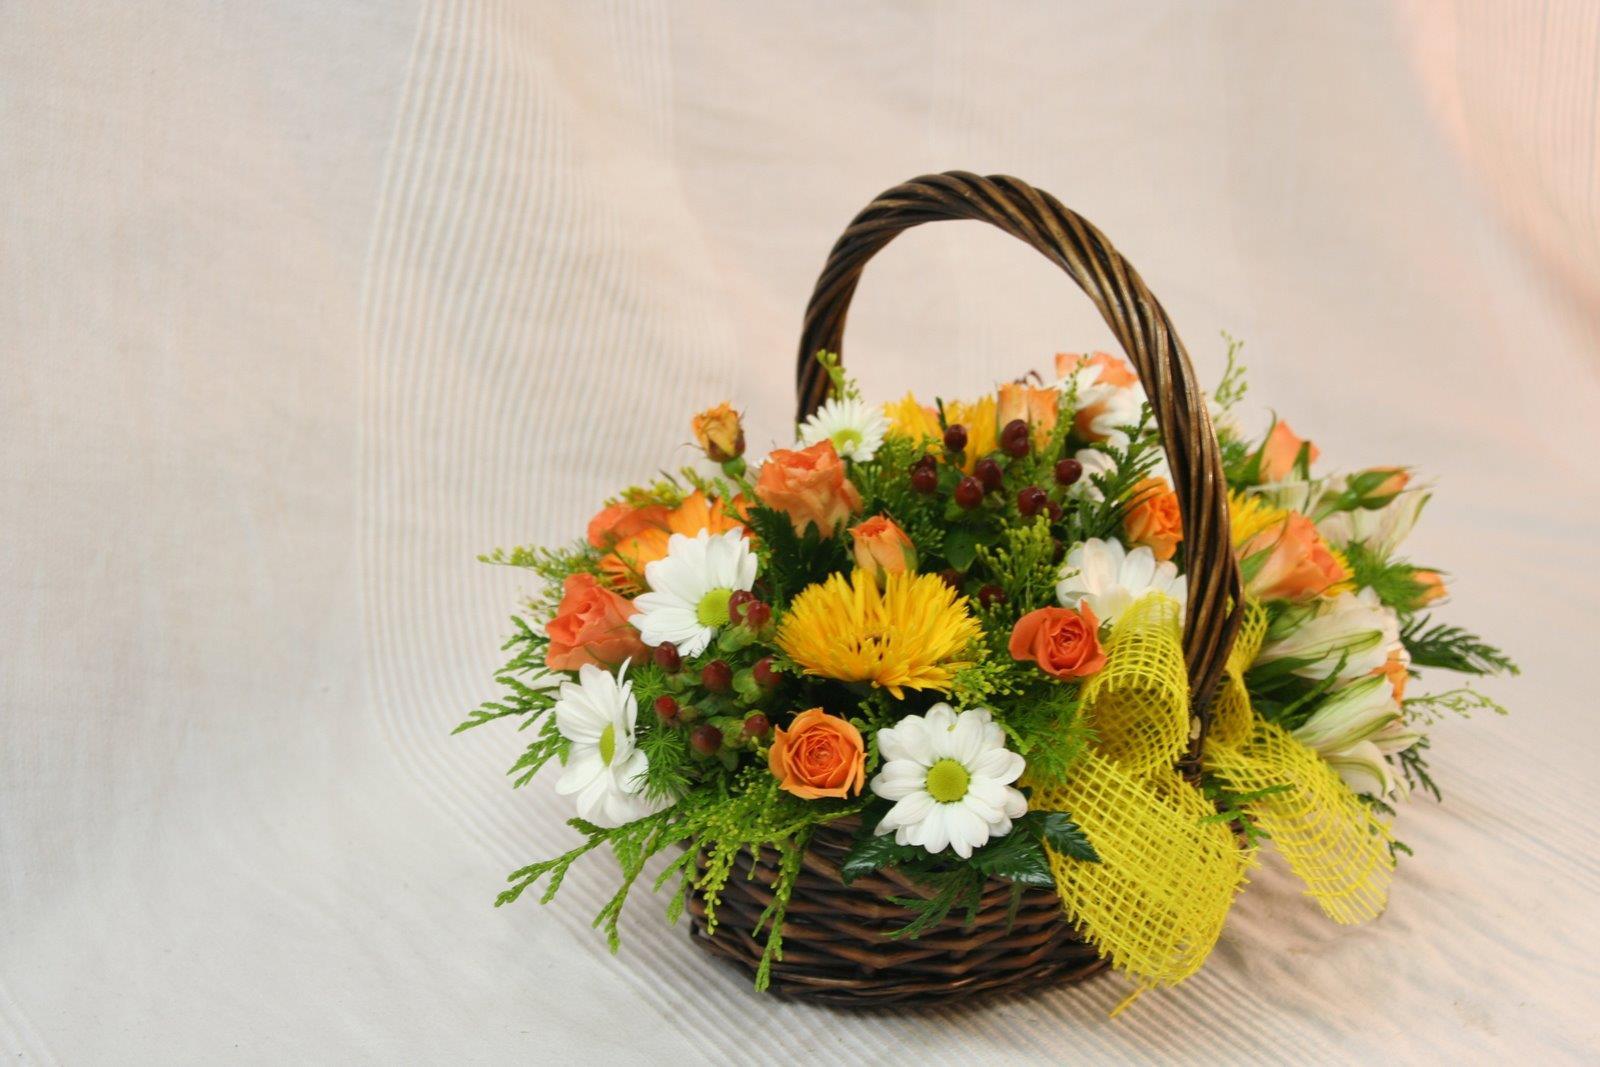 Regala una preciosa cestita de flor silvestre de temporadapor sólo 28 €, incluidos los portes a domicilio en Valencia y tarjeta con dedicatoria. Puedes hacer tu pedido por teléfono llamando al:…